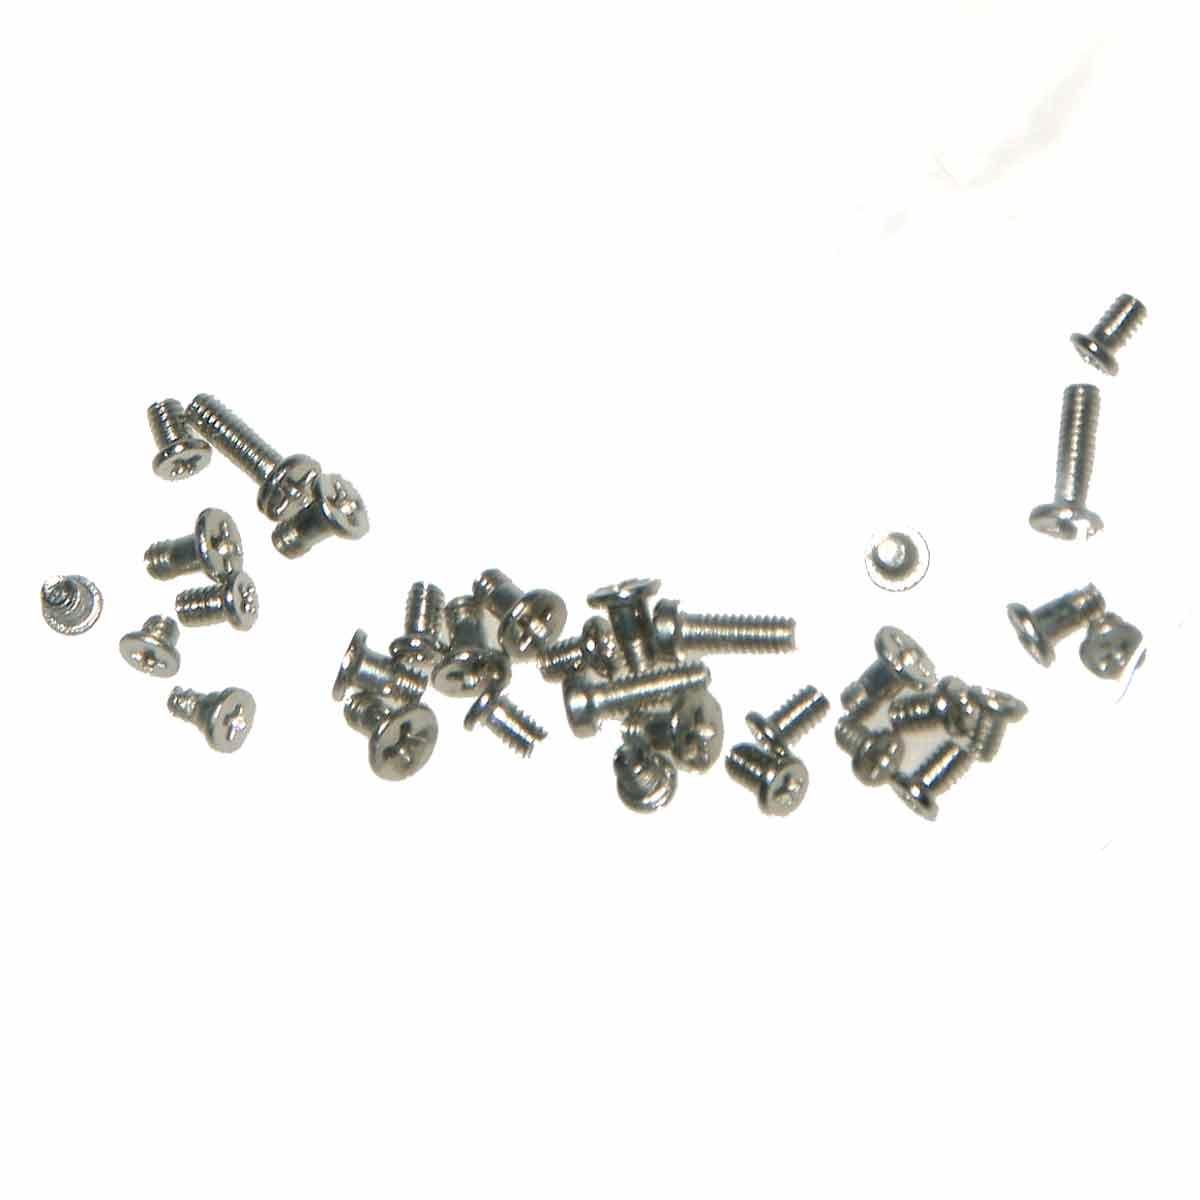 iPhone3G screws set orig